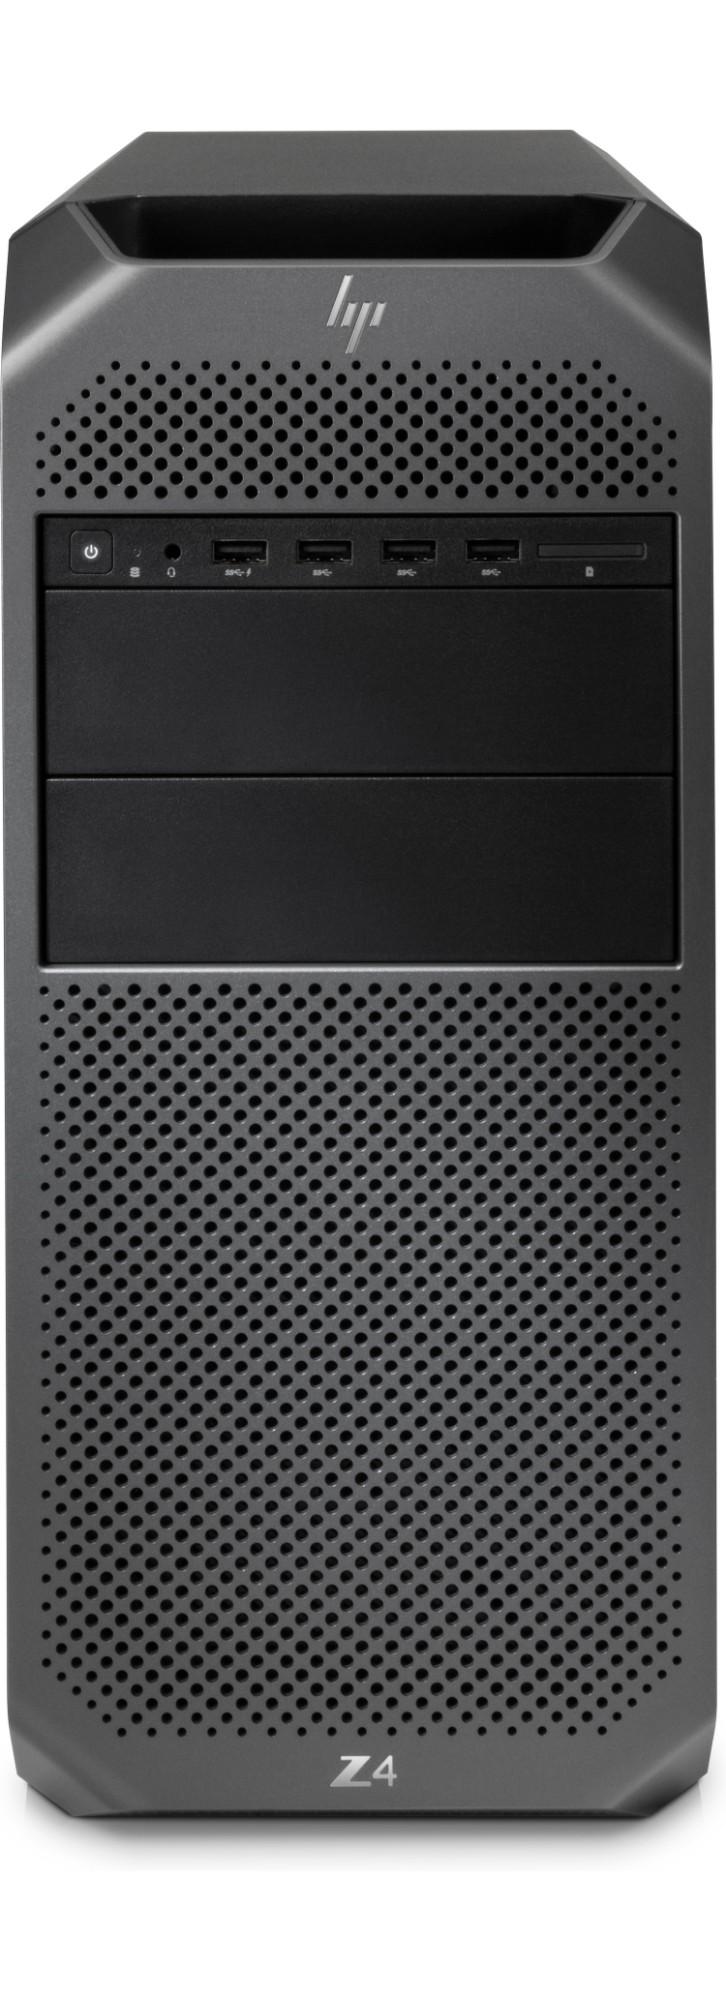 Workstation Z4 G4 TW - I9 7940X - 16GB RAM - 256GB SSD - Win10 Pro